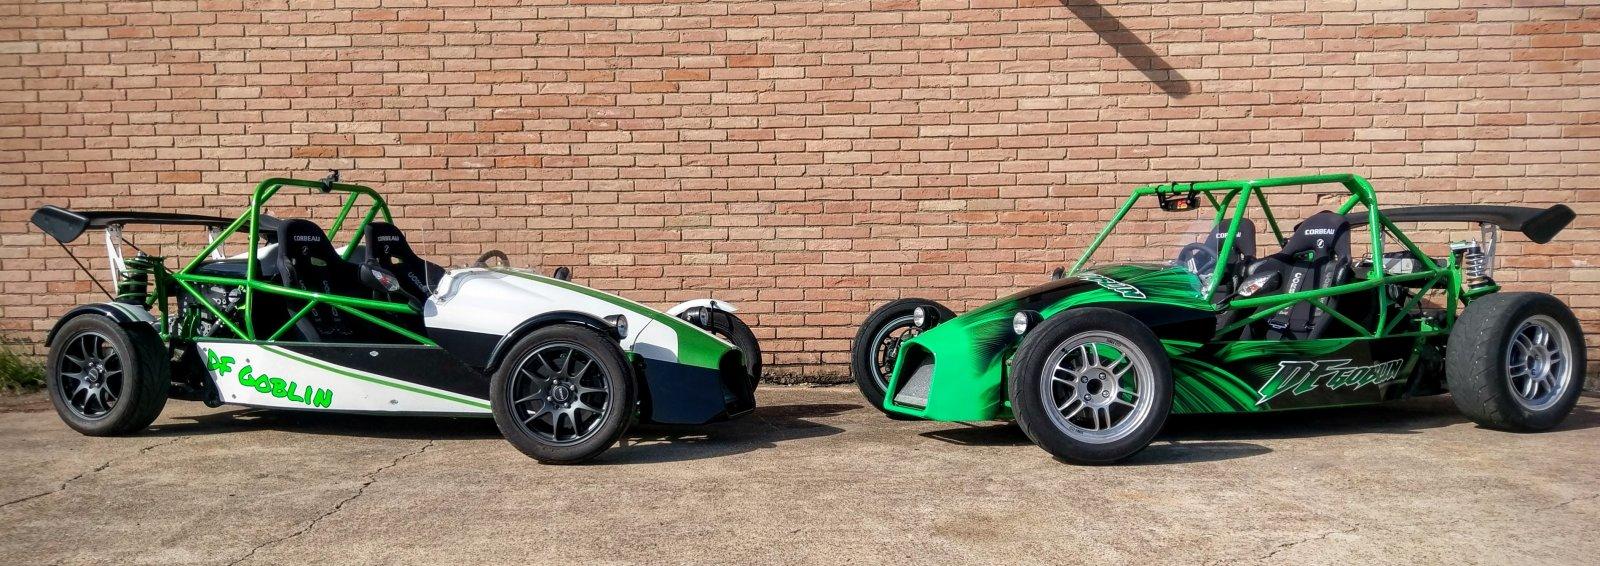 Df Kit Car >> Df Kit Car Forum